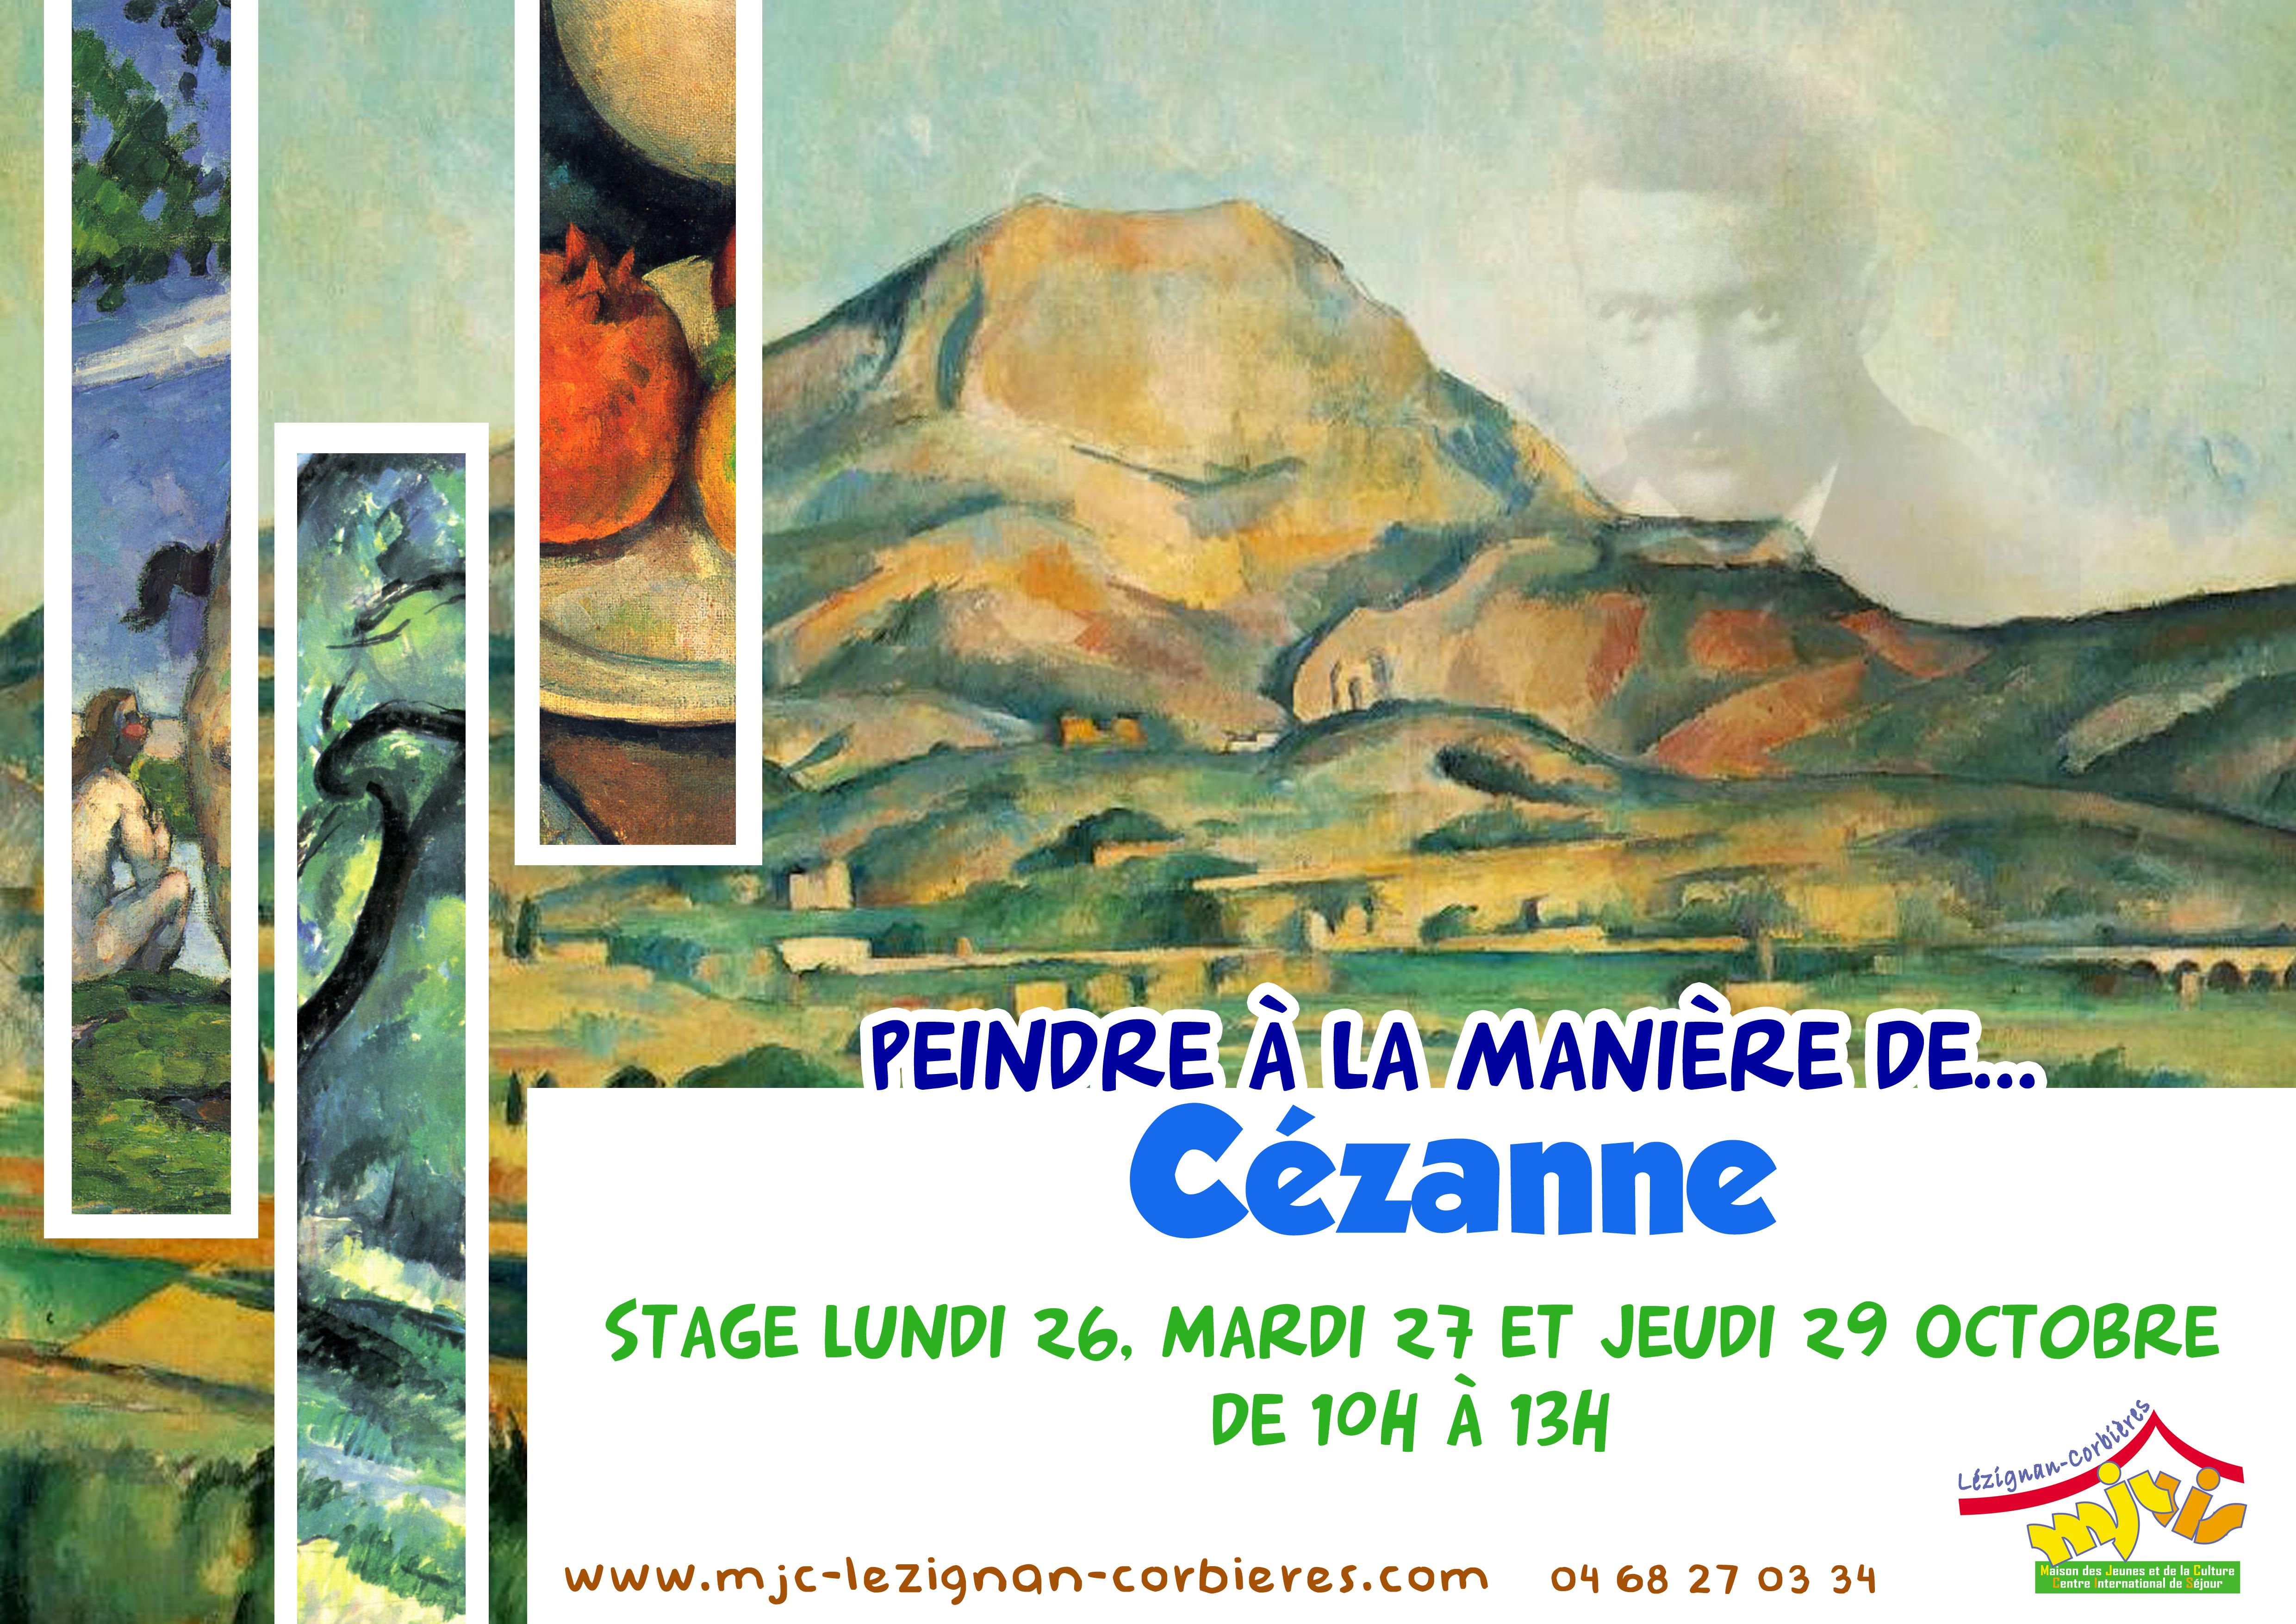 LUNDI 26, MARDI 27 et JEUDI 29 OCTOBRE 2015 >> PEINDRE À LA MANIÈRE DE... CÉZANNE